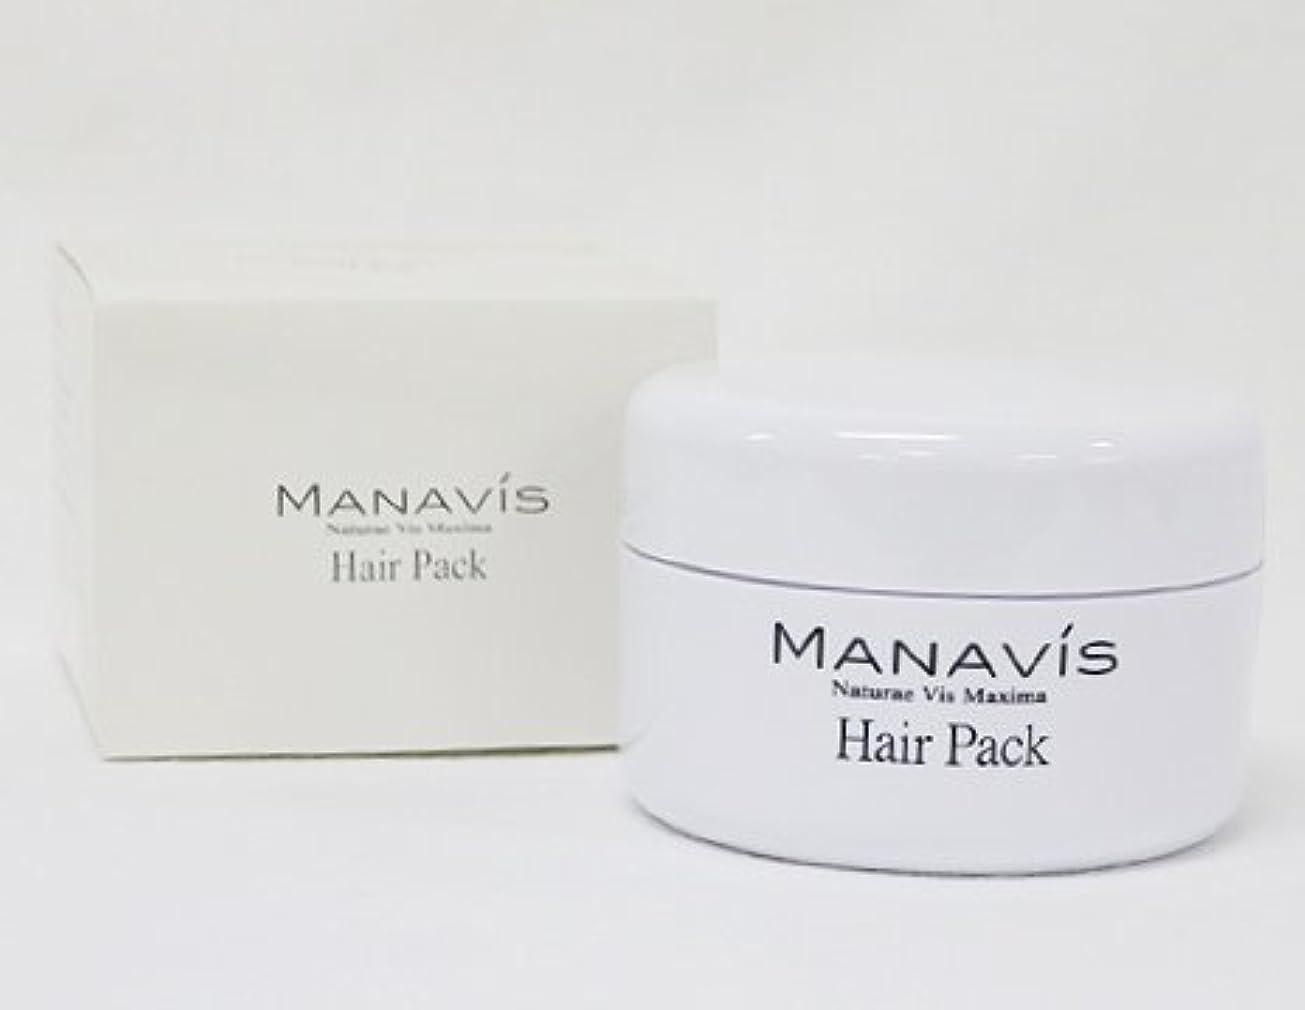 委託と潜在的なMANAVIS マナビス化粧品 マナビス ヘアパック  (洗い流すタイプ)